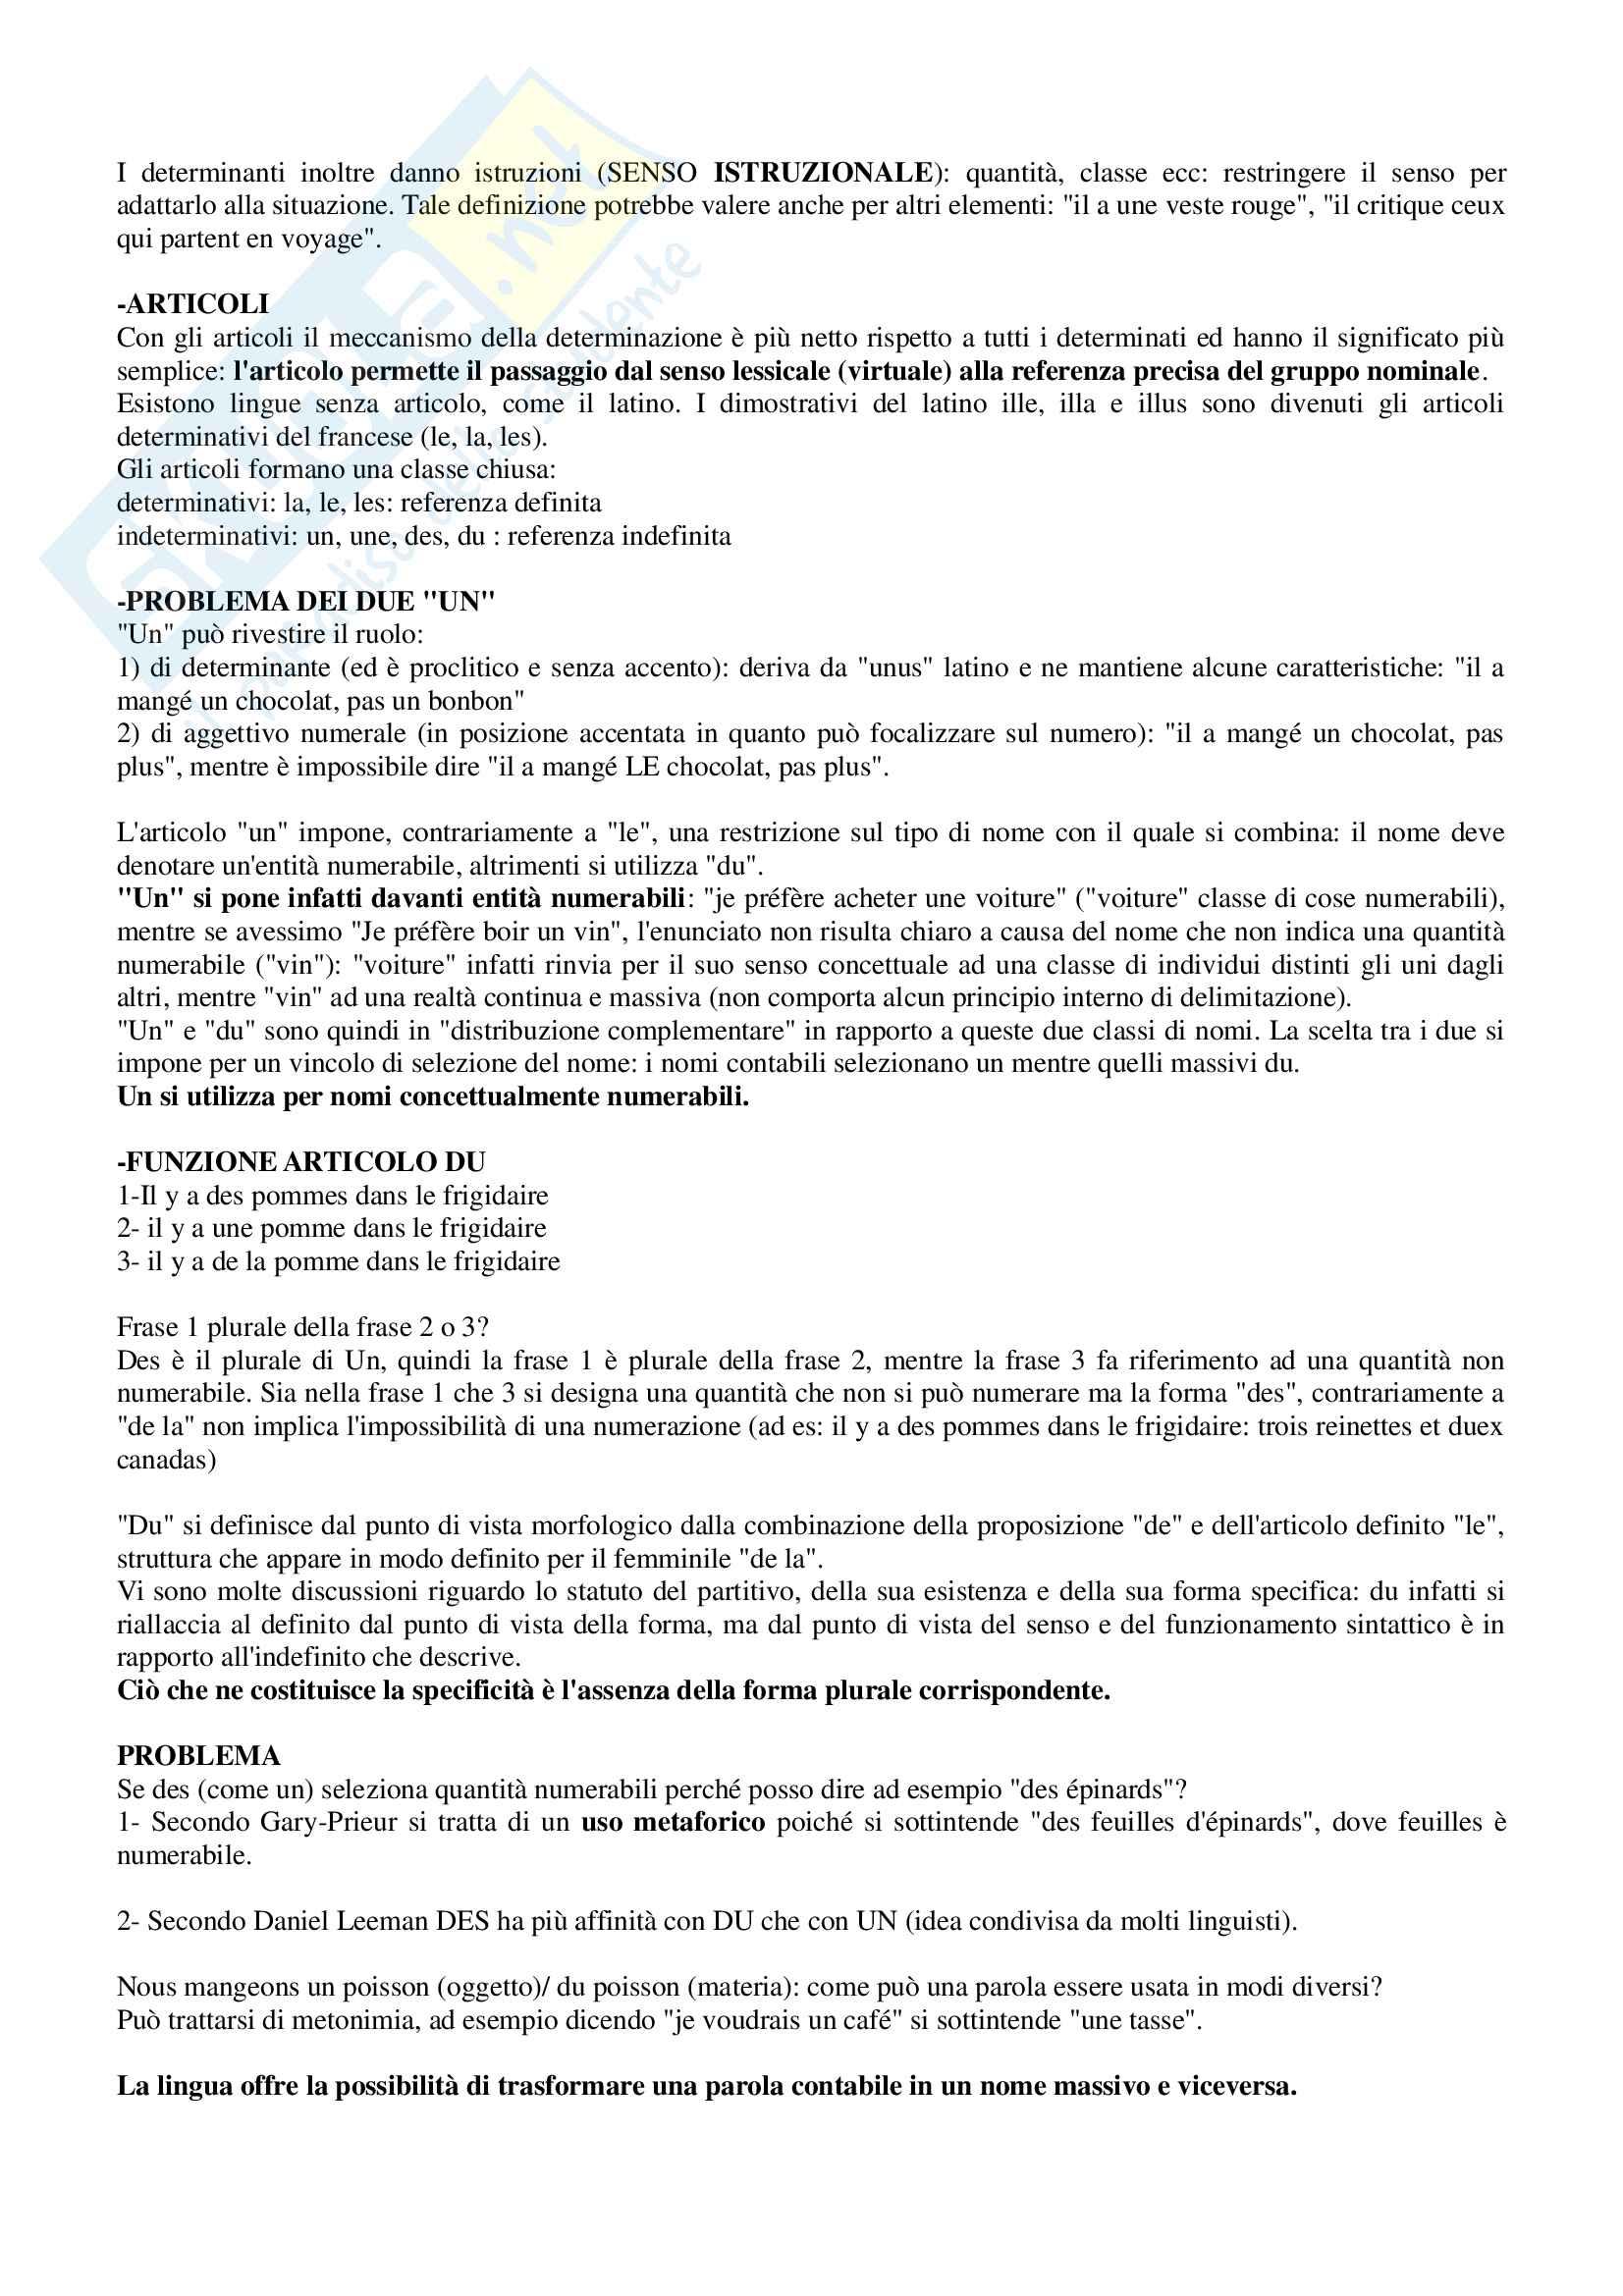 Francese, Floquet, parte B completa Pag. 2